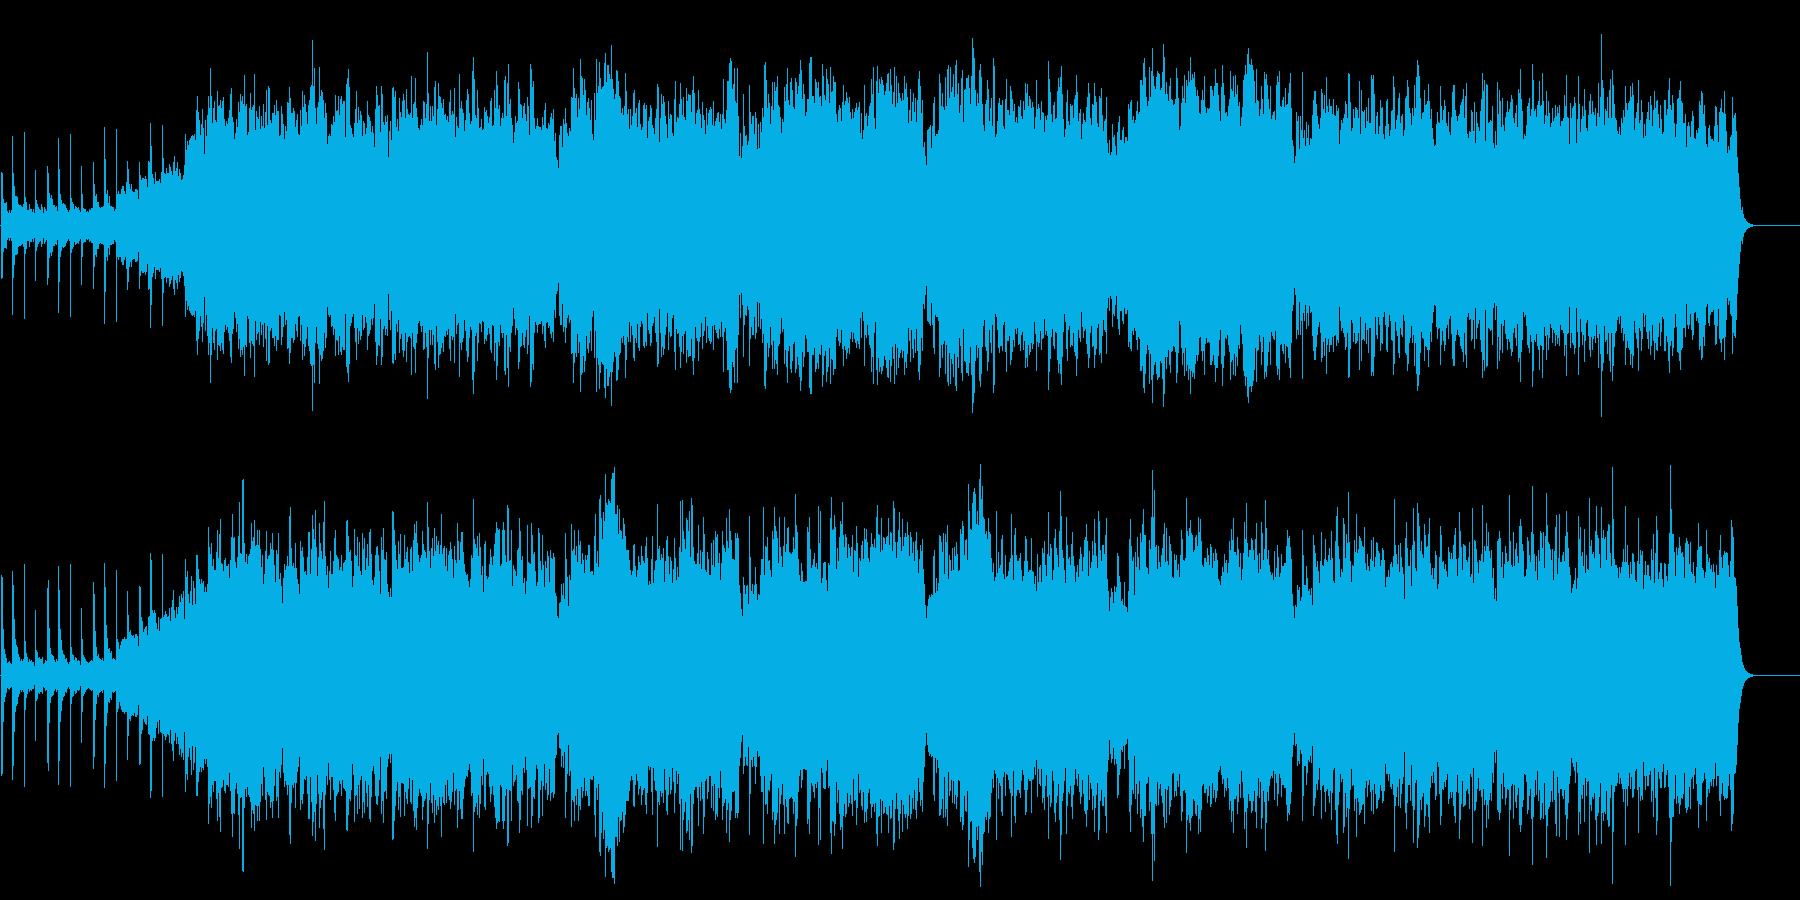 クリスマス メルヘン 目覚め 自然 神秘の再生済みの波形